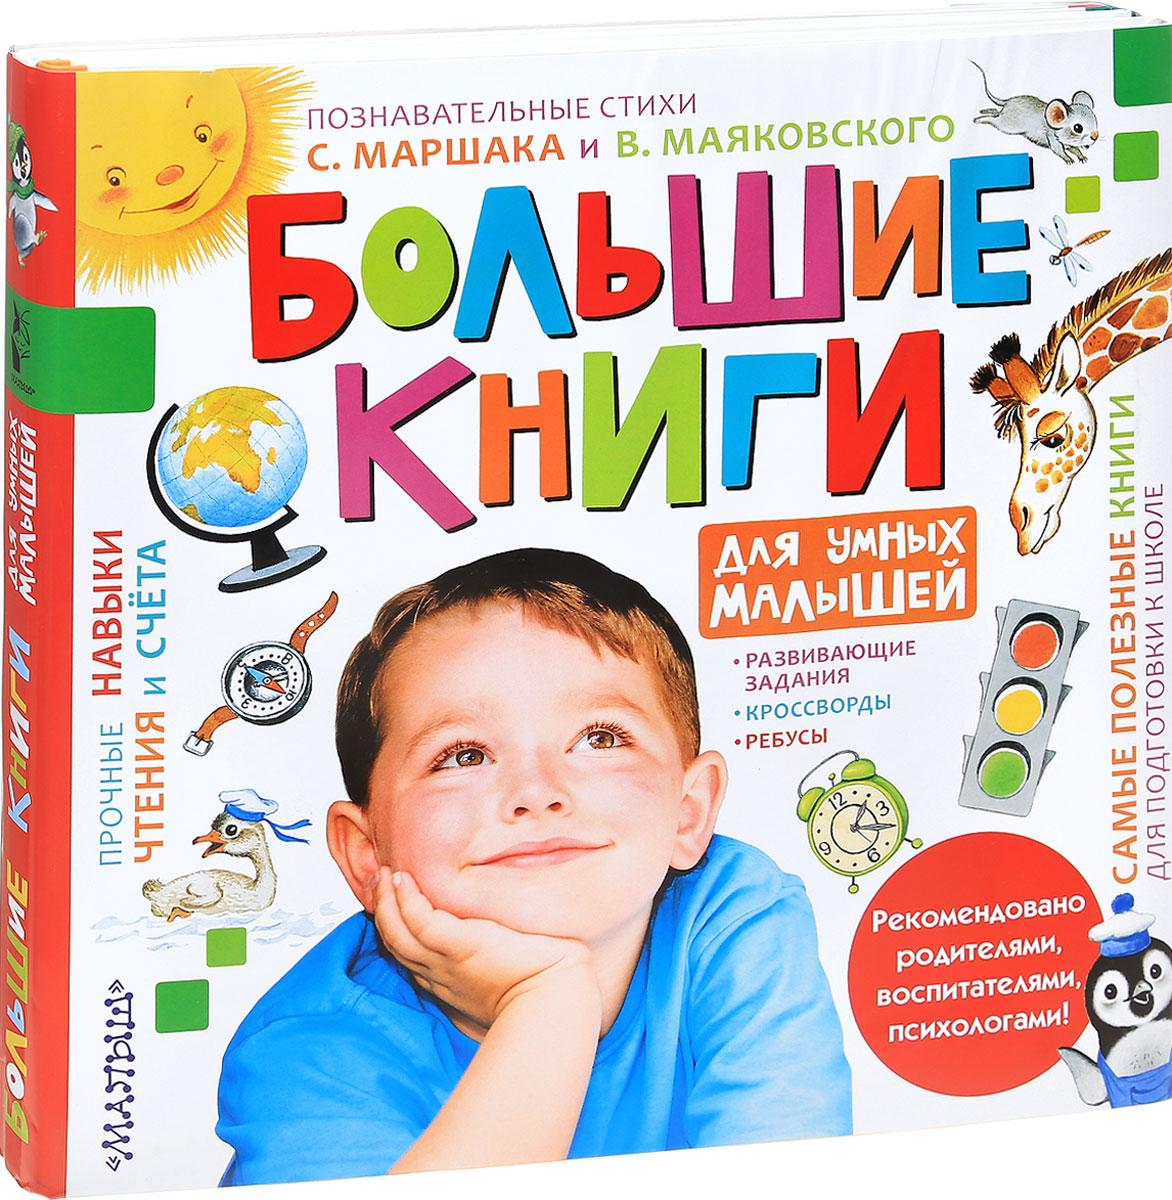 Самуил Маршак,Владимир Маяковский Большие книги для умных малышей (комплект из 4 книг) издательство аст большие книги для умных малышей